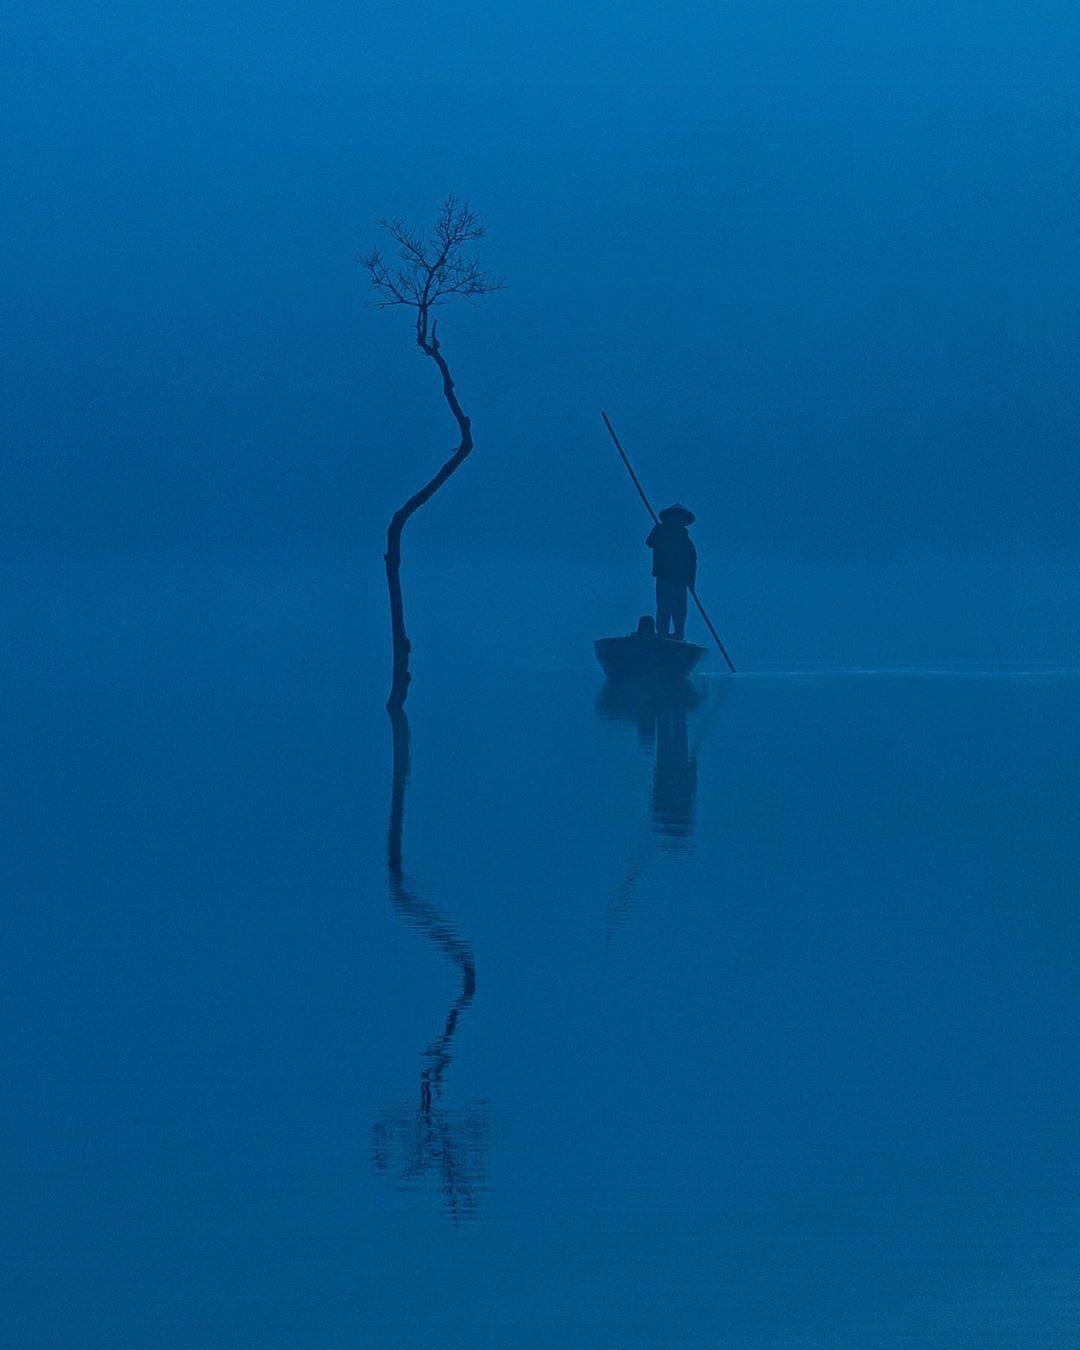 精彩的人文影像,摄影师Tran Tuan Viet镜头里的越南